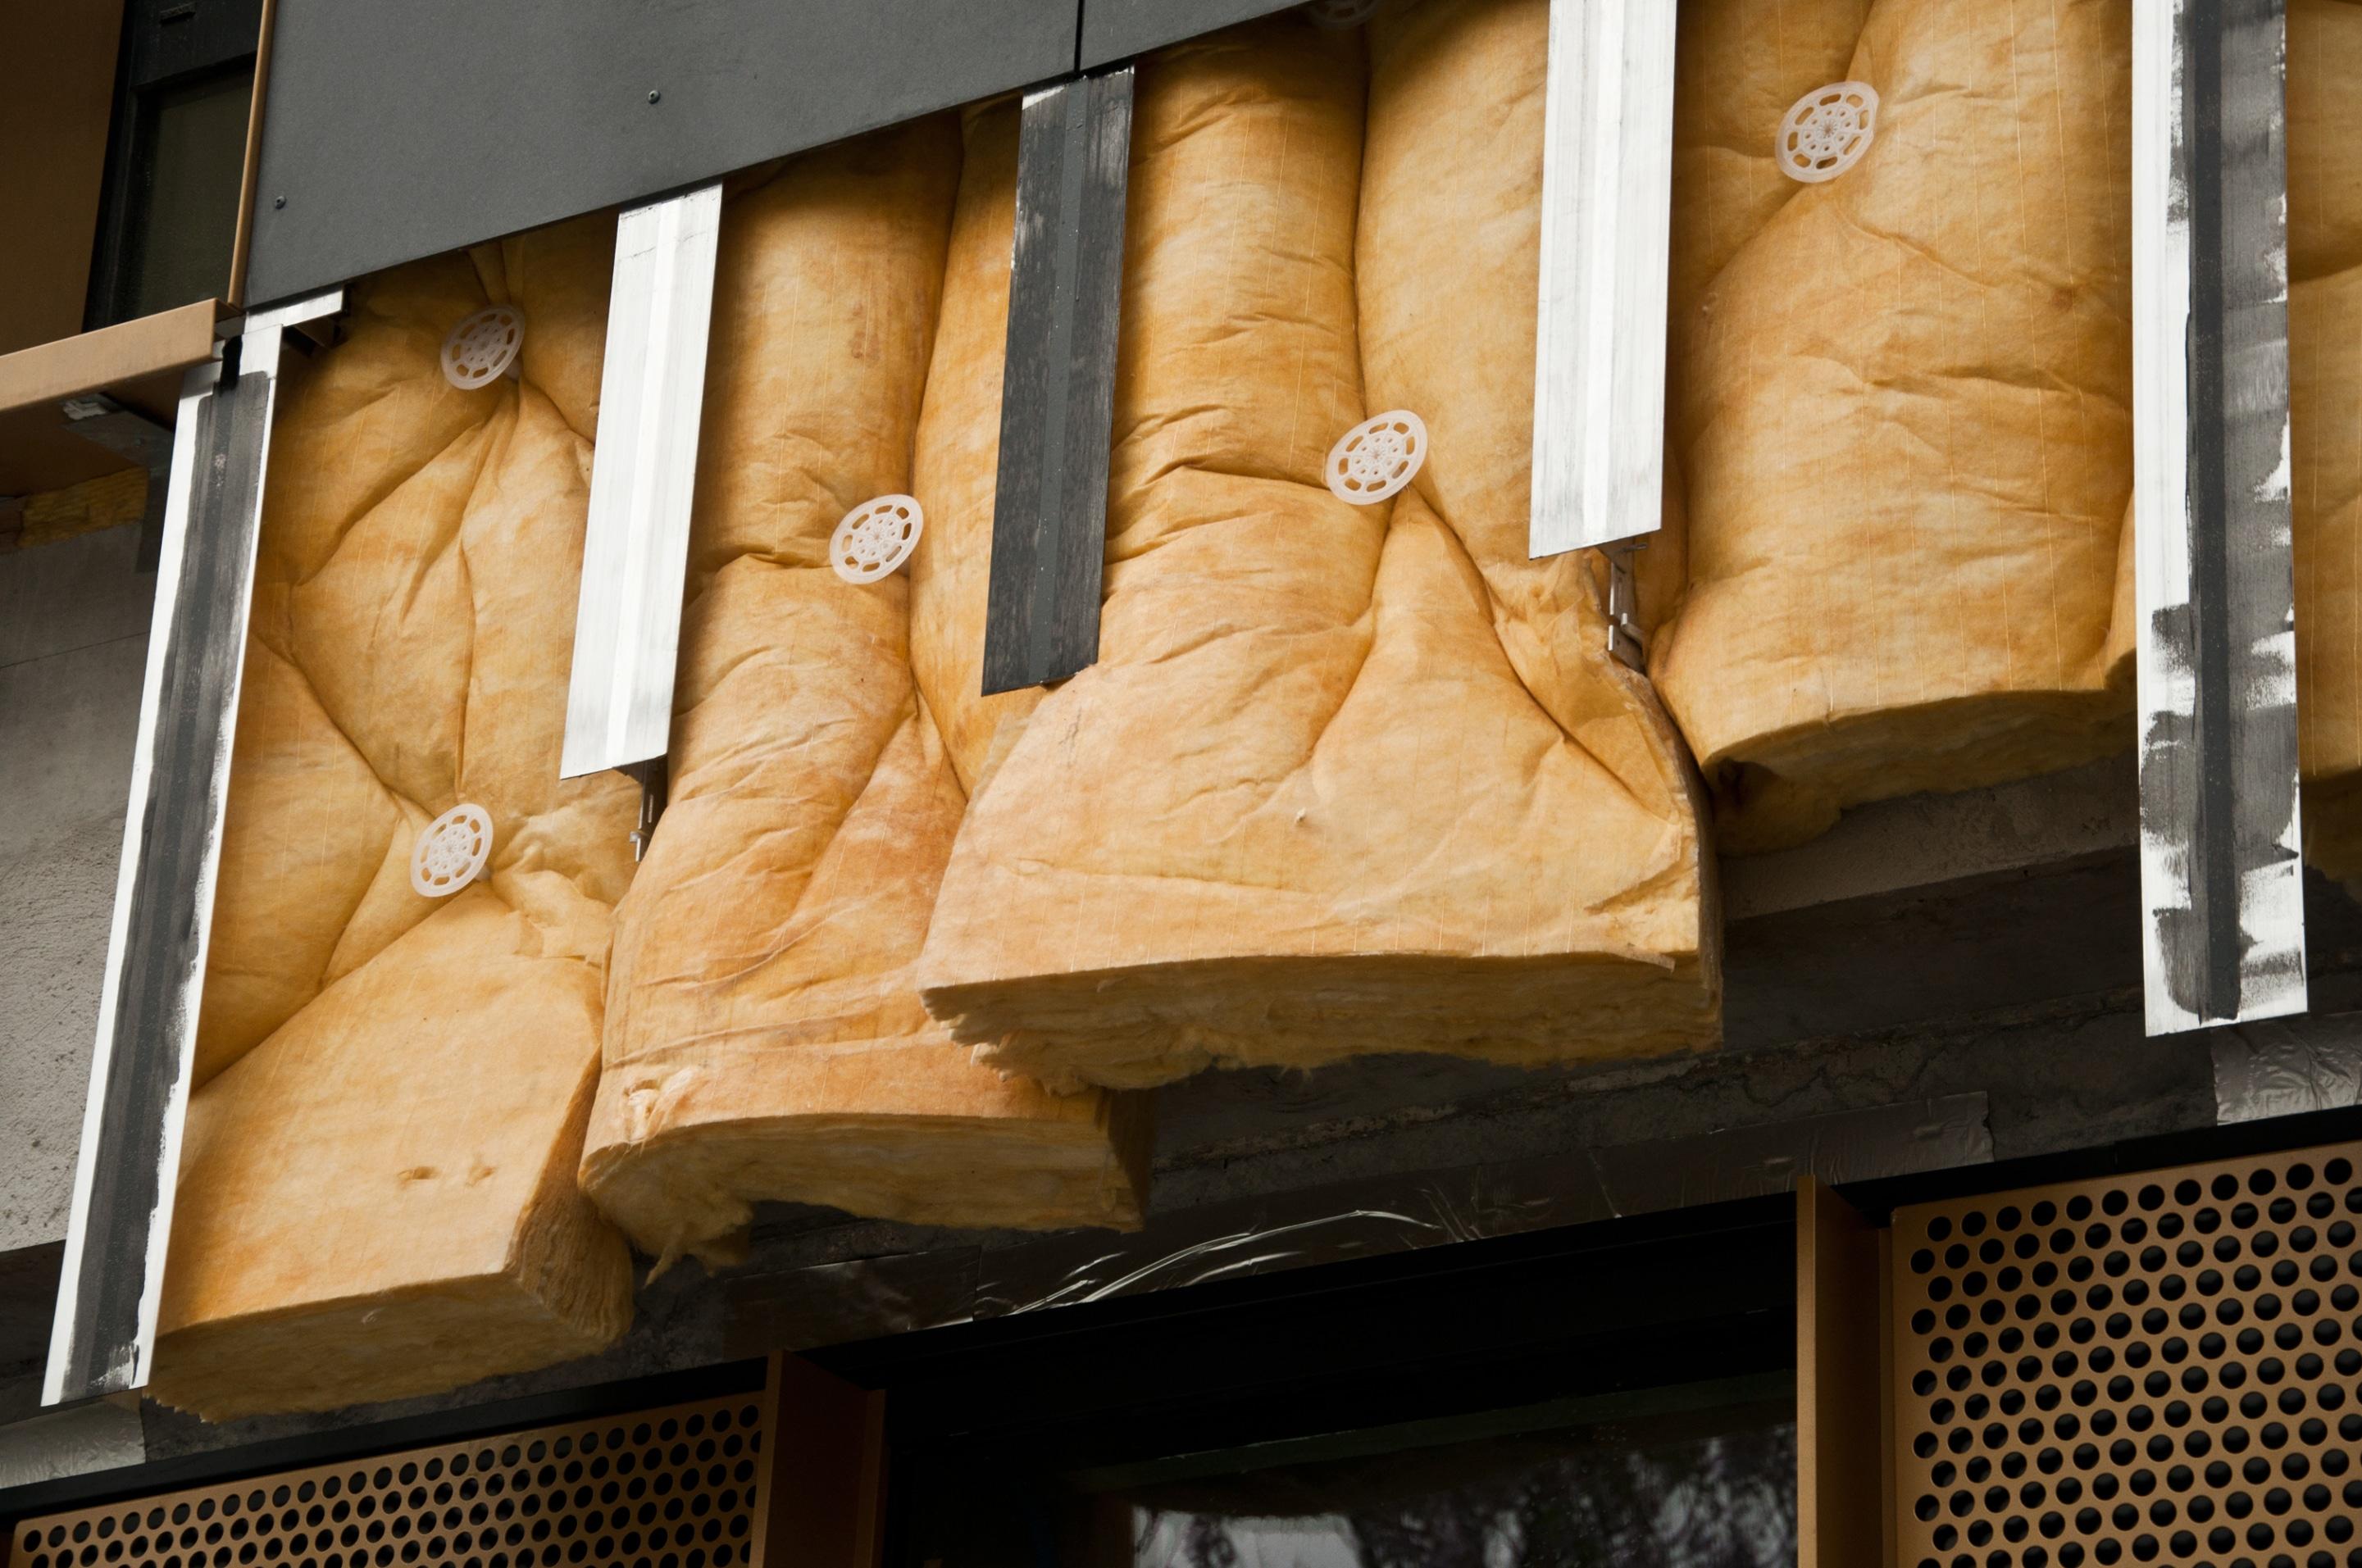 Comment Isoler Un Plafond Contre Le Bruit prix de l'isolation phonique d'une maison